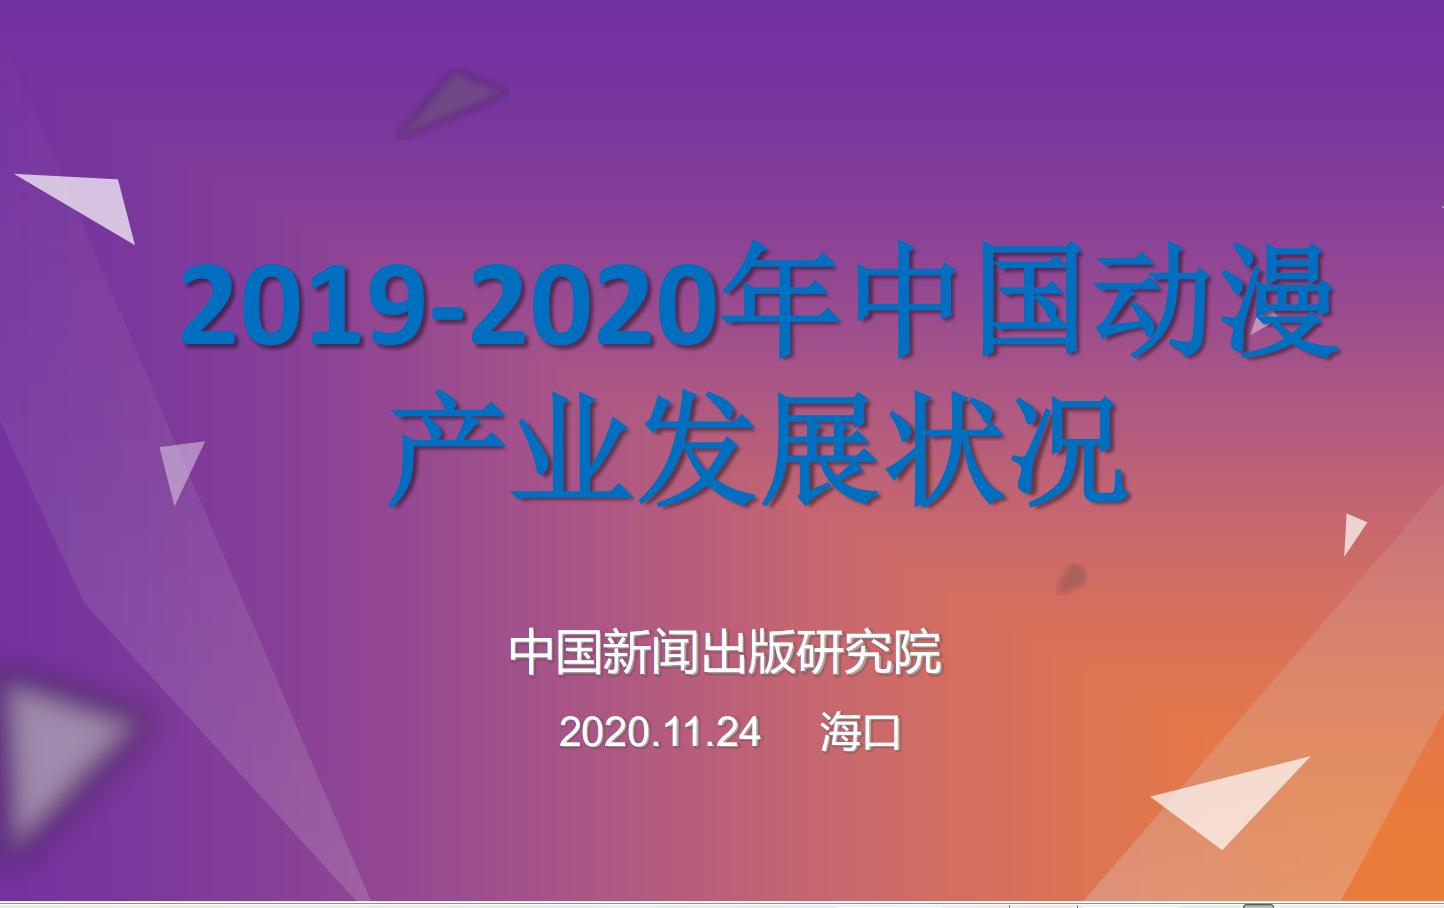 2019-2020中国动漫产业发展状况